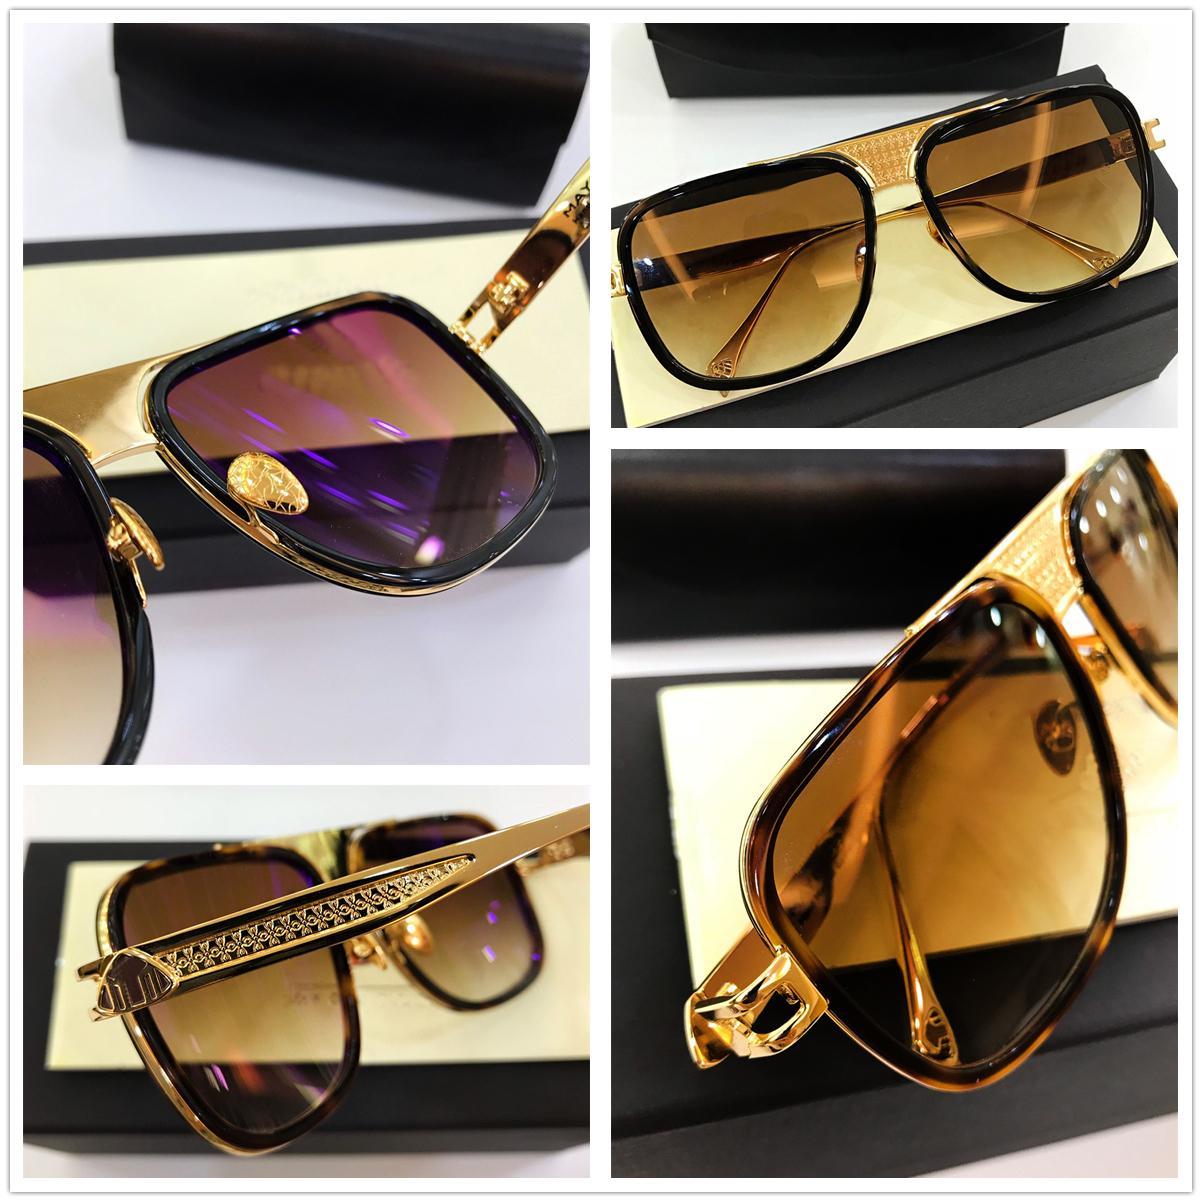 Fashion Mens Designer Square Designer di Prestigio per il tempo libero Occhiali da svago in metallo Gold Frame Sole Sunglases Vintage Prem Men Luxury Sunglasses KMQOK